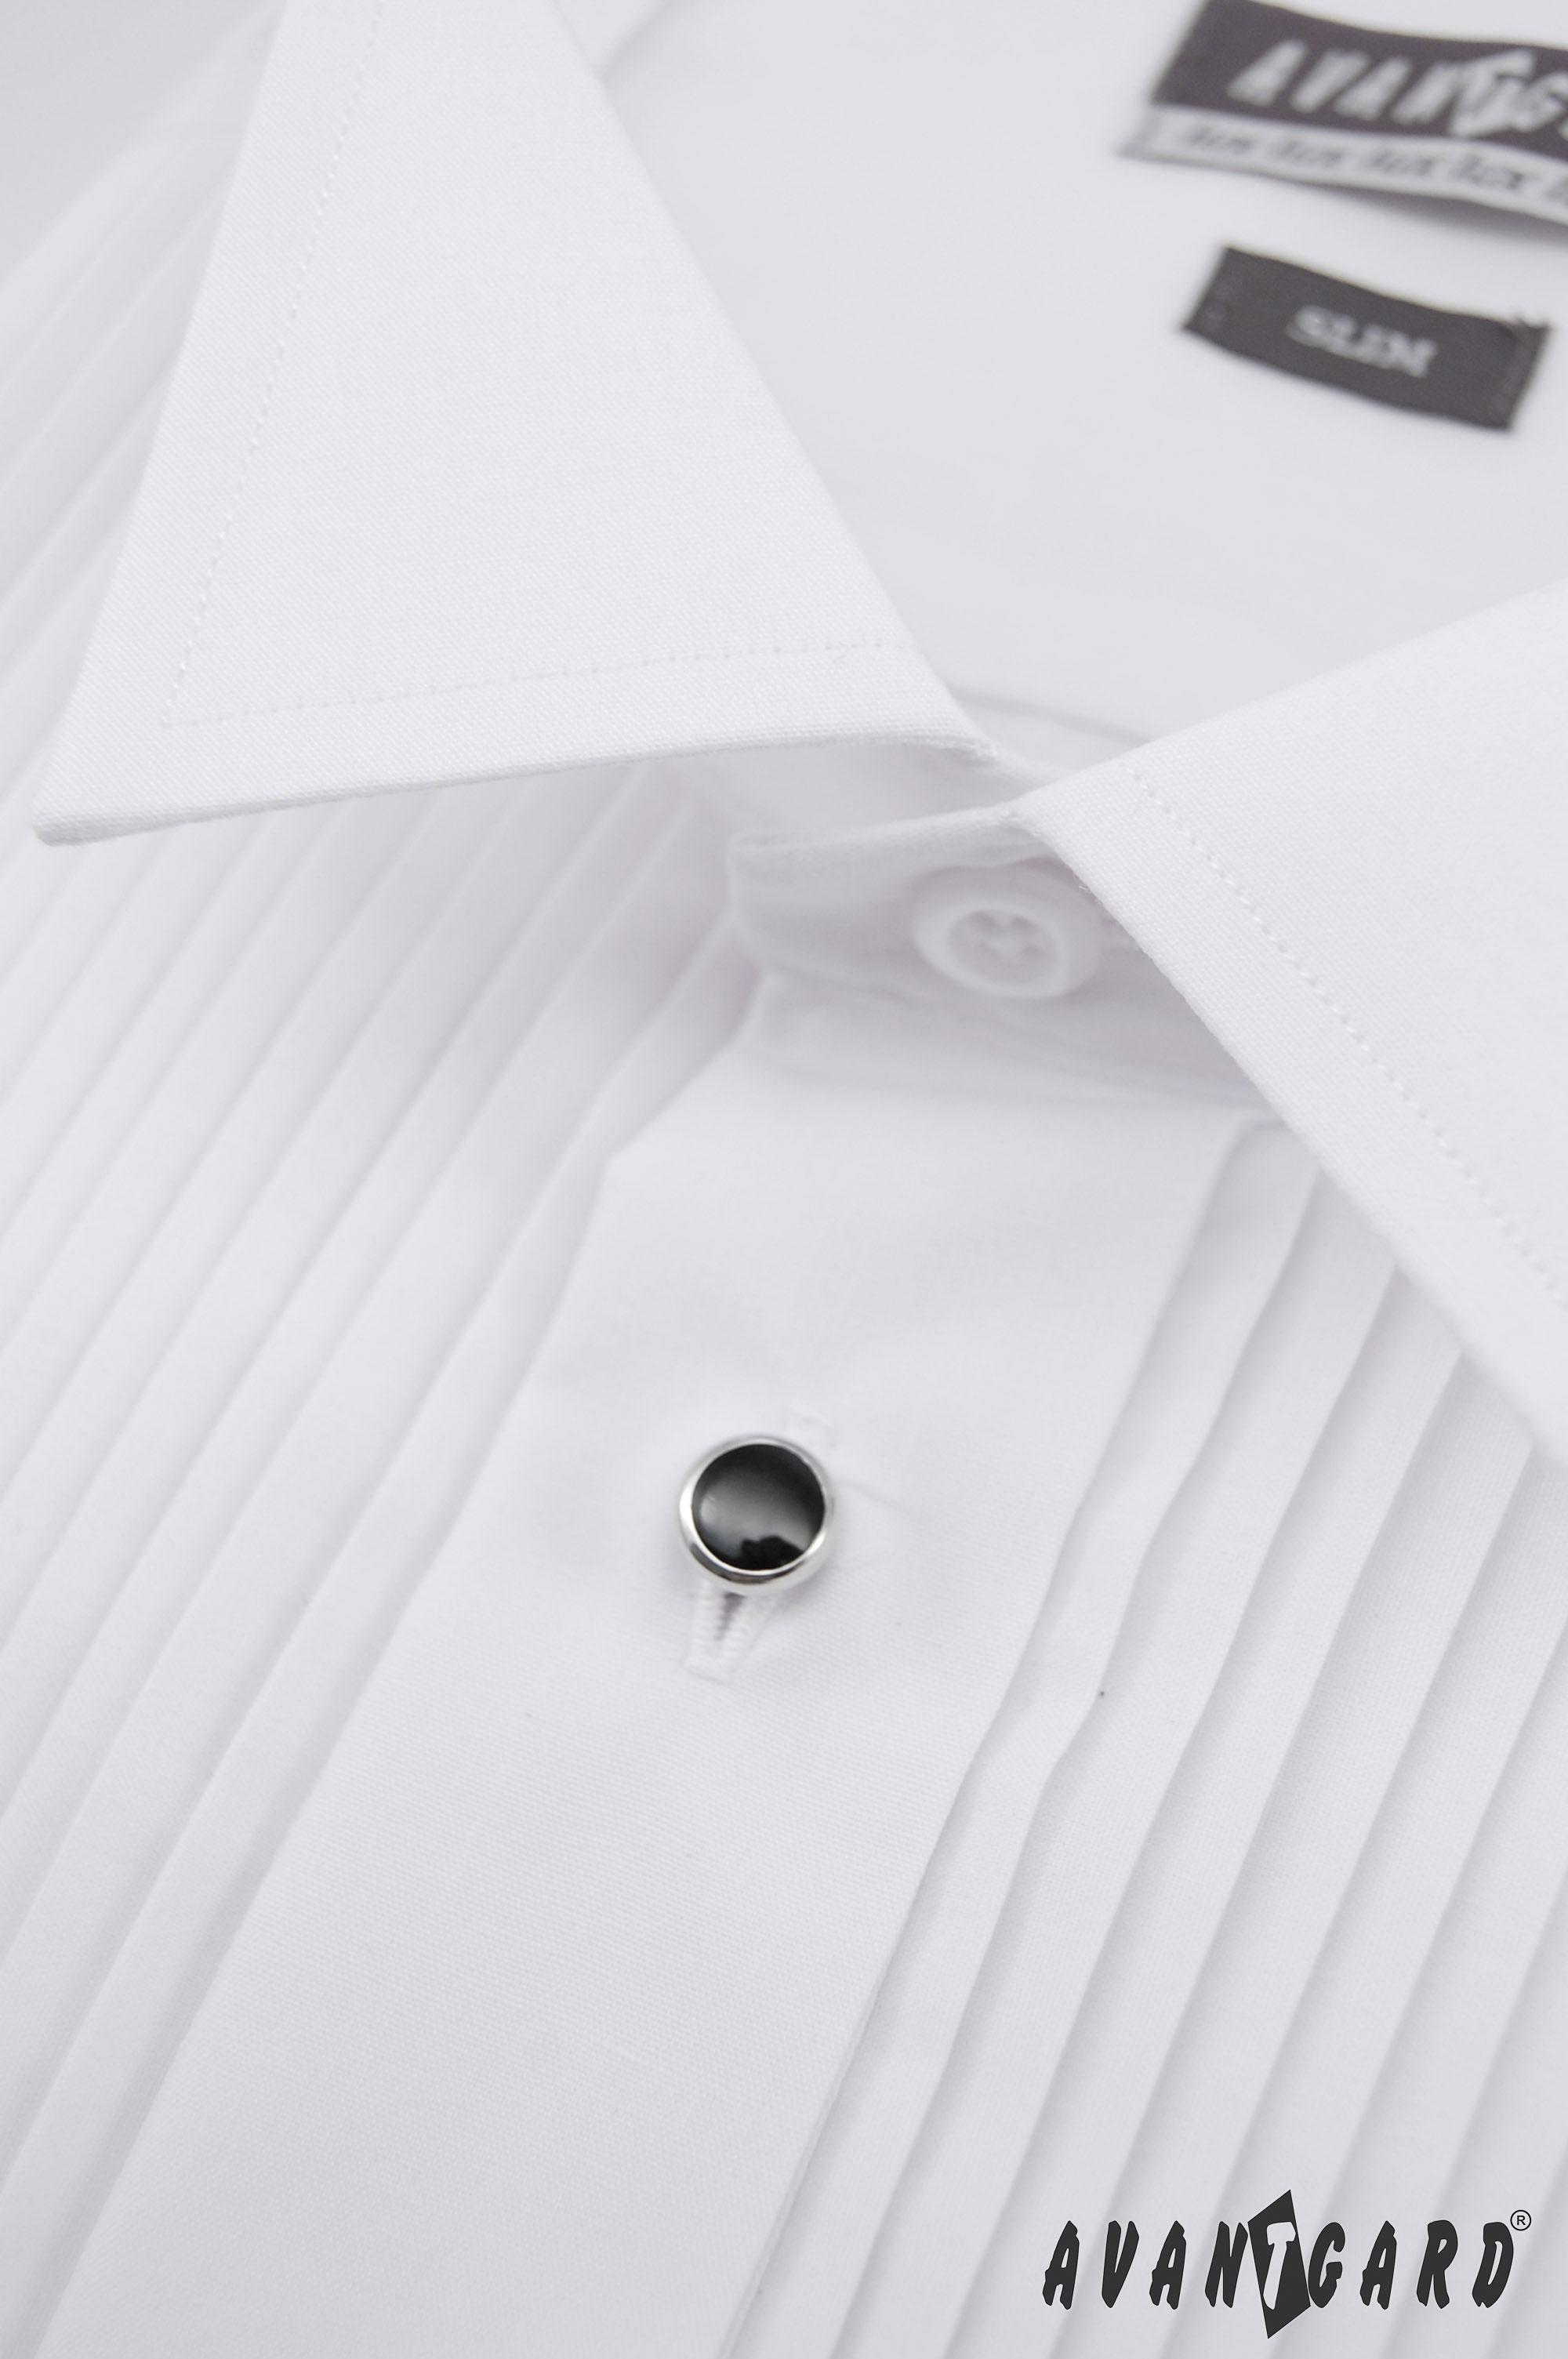 Avantgard pánská košile Frakovka SLIM dl. rukáv na manžetový knoflík se  sadou knoflíčků 112-1 barva bílá 509b8a6384